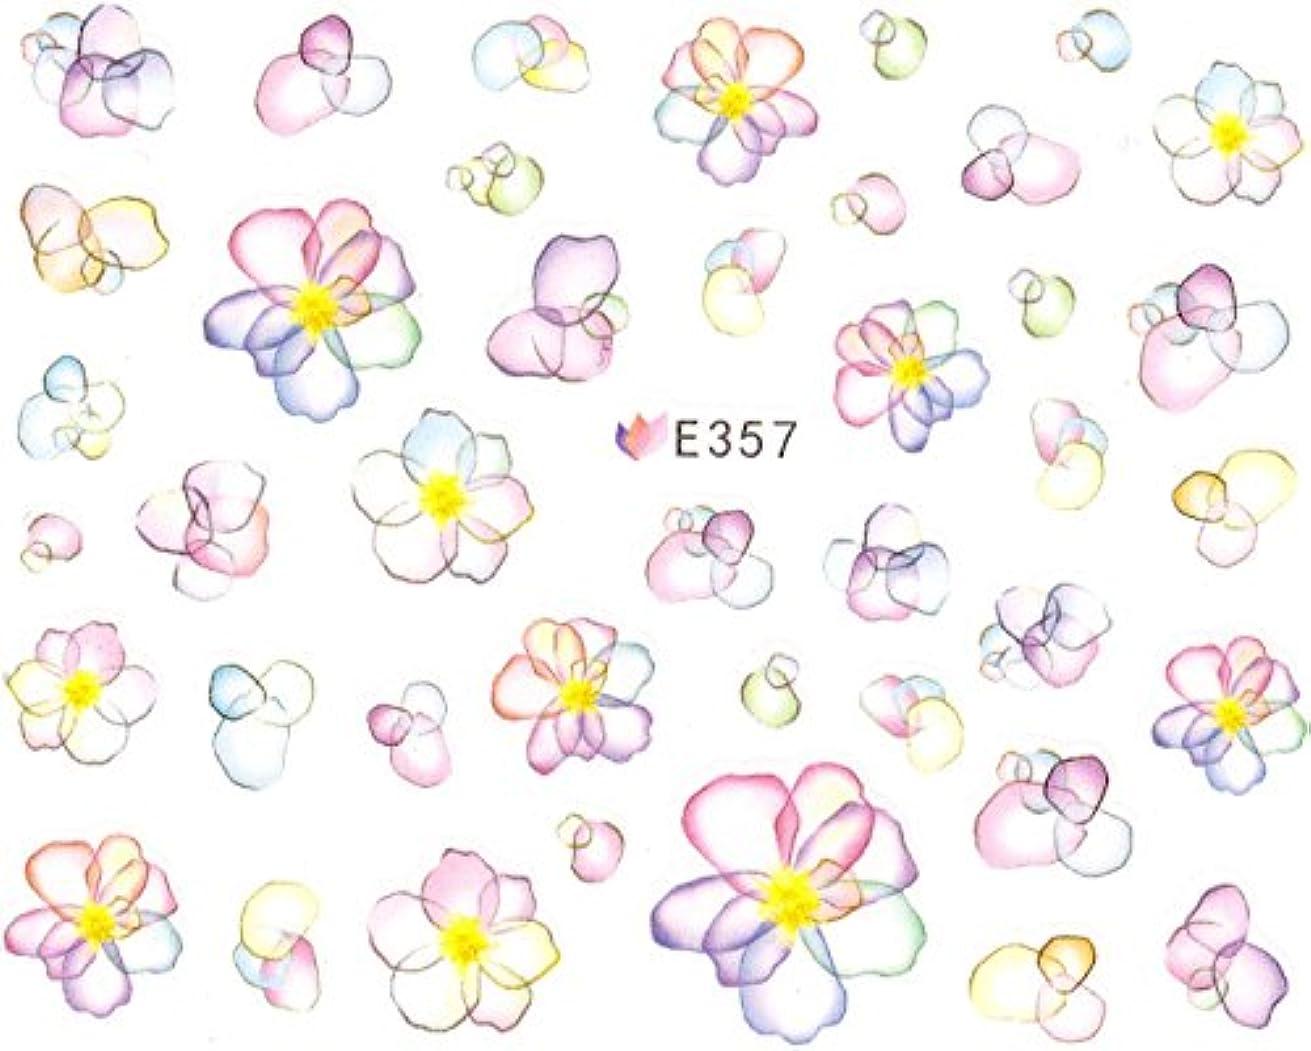 トーストライオン規定ネイルシール 水彩風 花 フラワー 選べる商品 (05-T32)